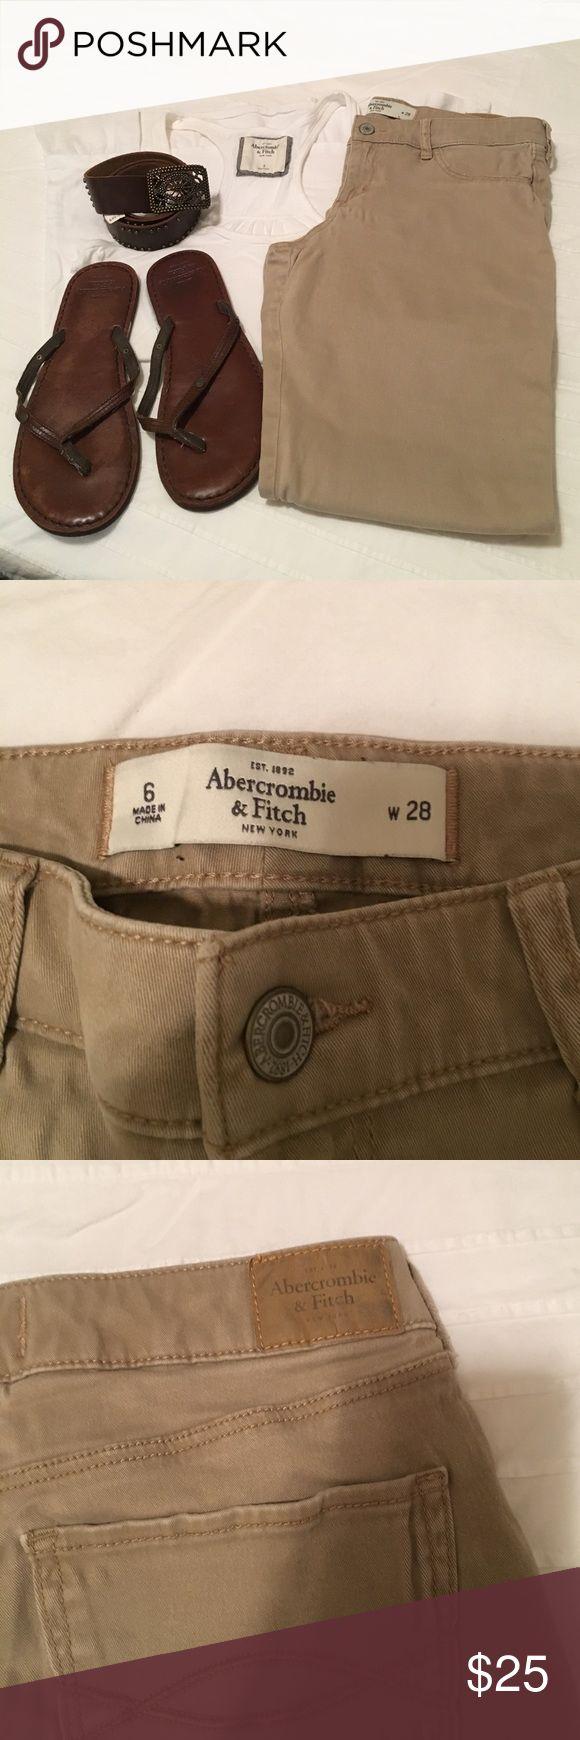 Abercrombie kaki skinny jeans Abercrombie jeans Abercrombie & Fitch Pants Skinny